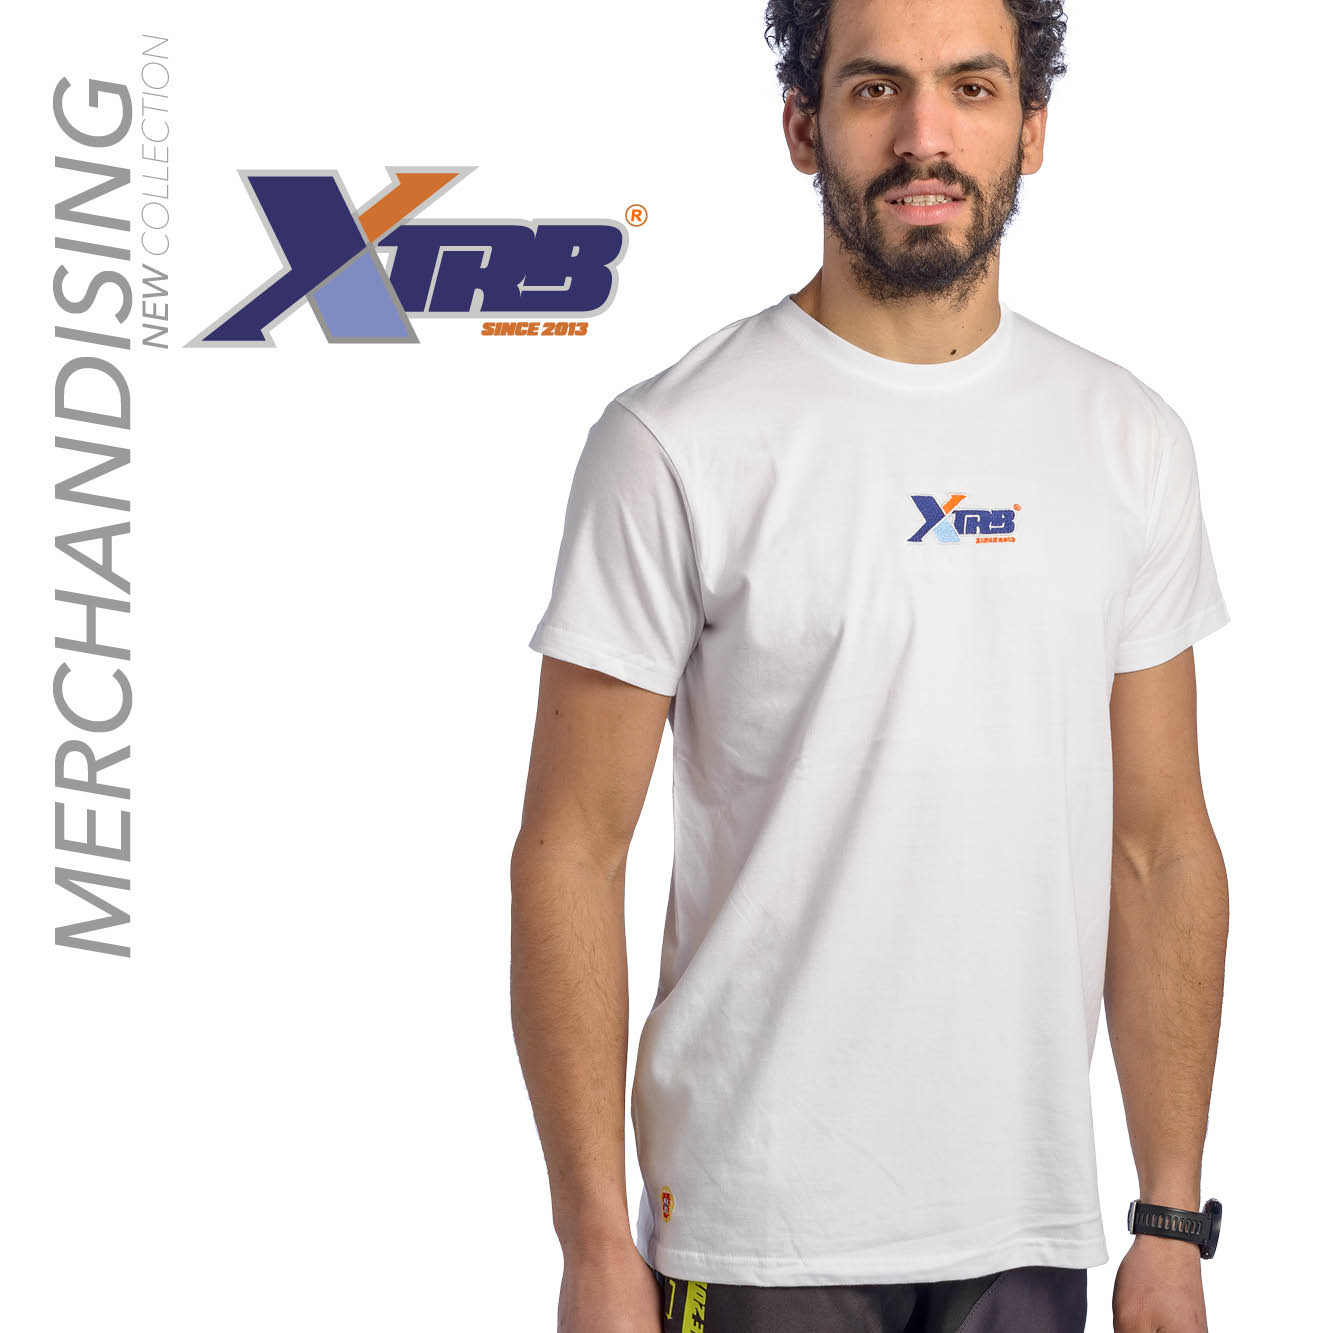 T-shirt Homem XTRB